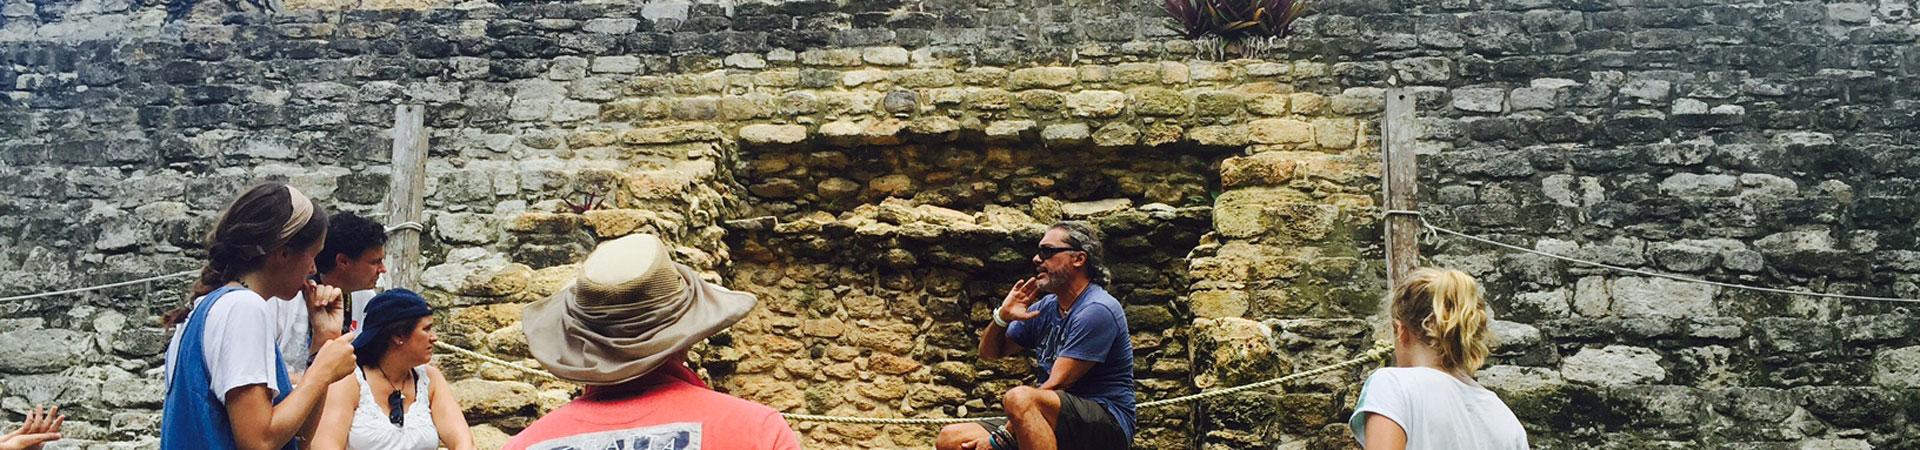 turistas en las piramides mayas de Chacchoben